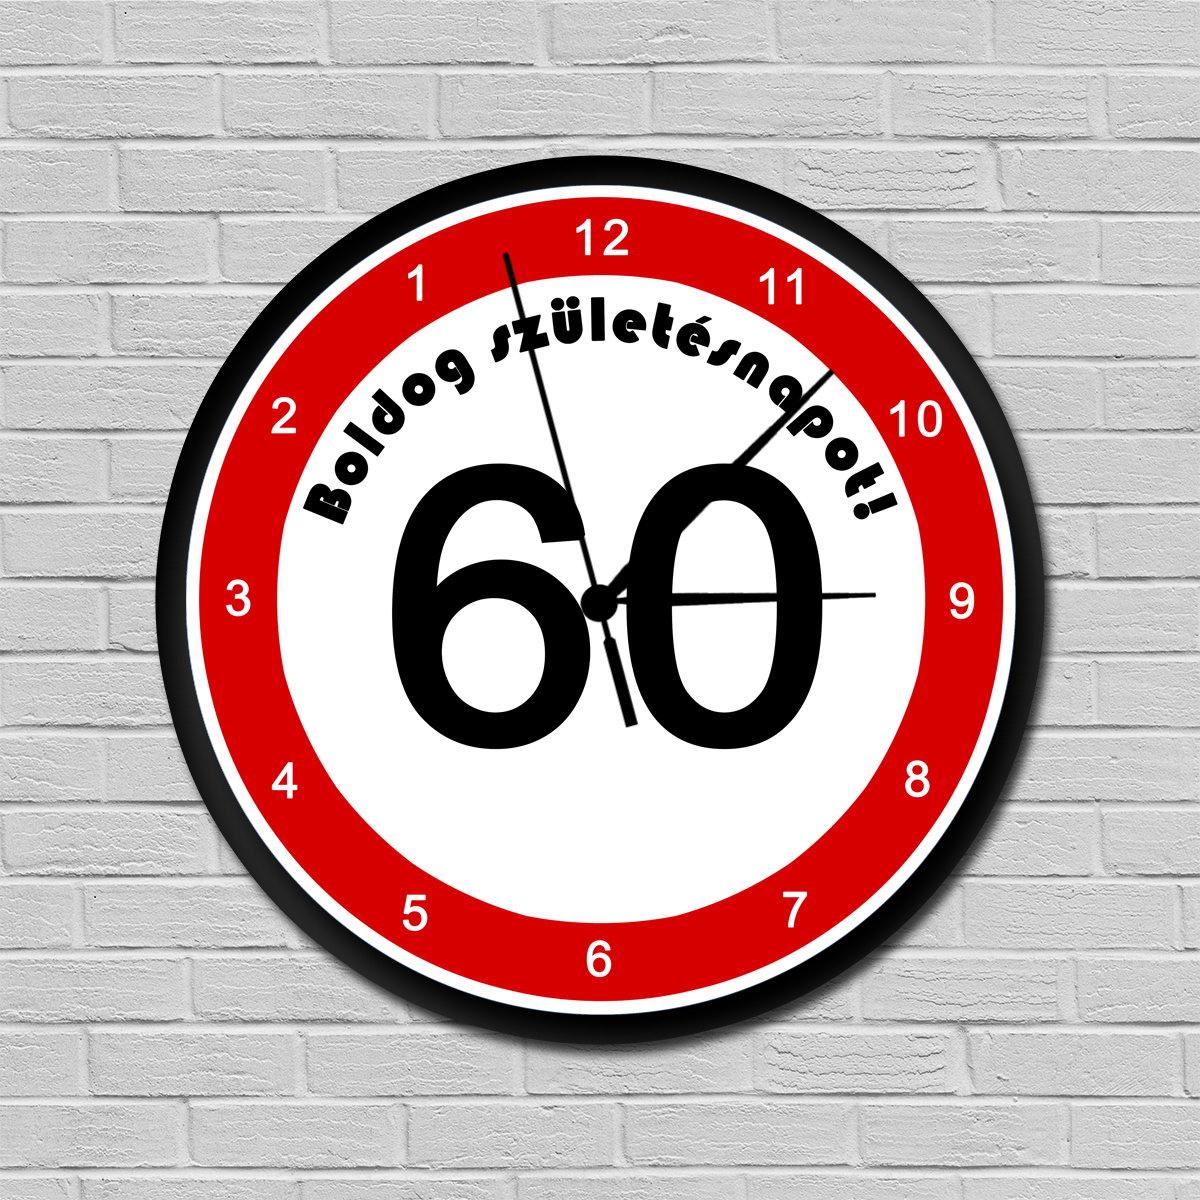 születésnapi ajándék férfiaknak 60 Fiatalító sebességkorlátozós falióra 60. születésnapra | Ajándék  születésnapi ajándék férfiaknak 60